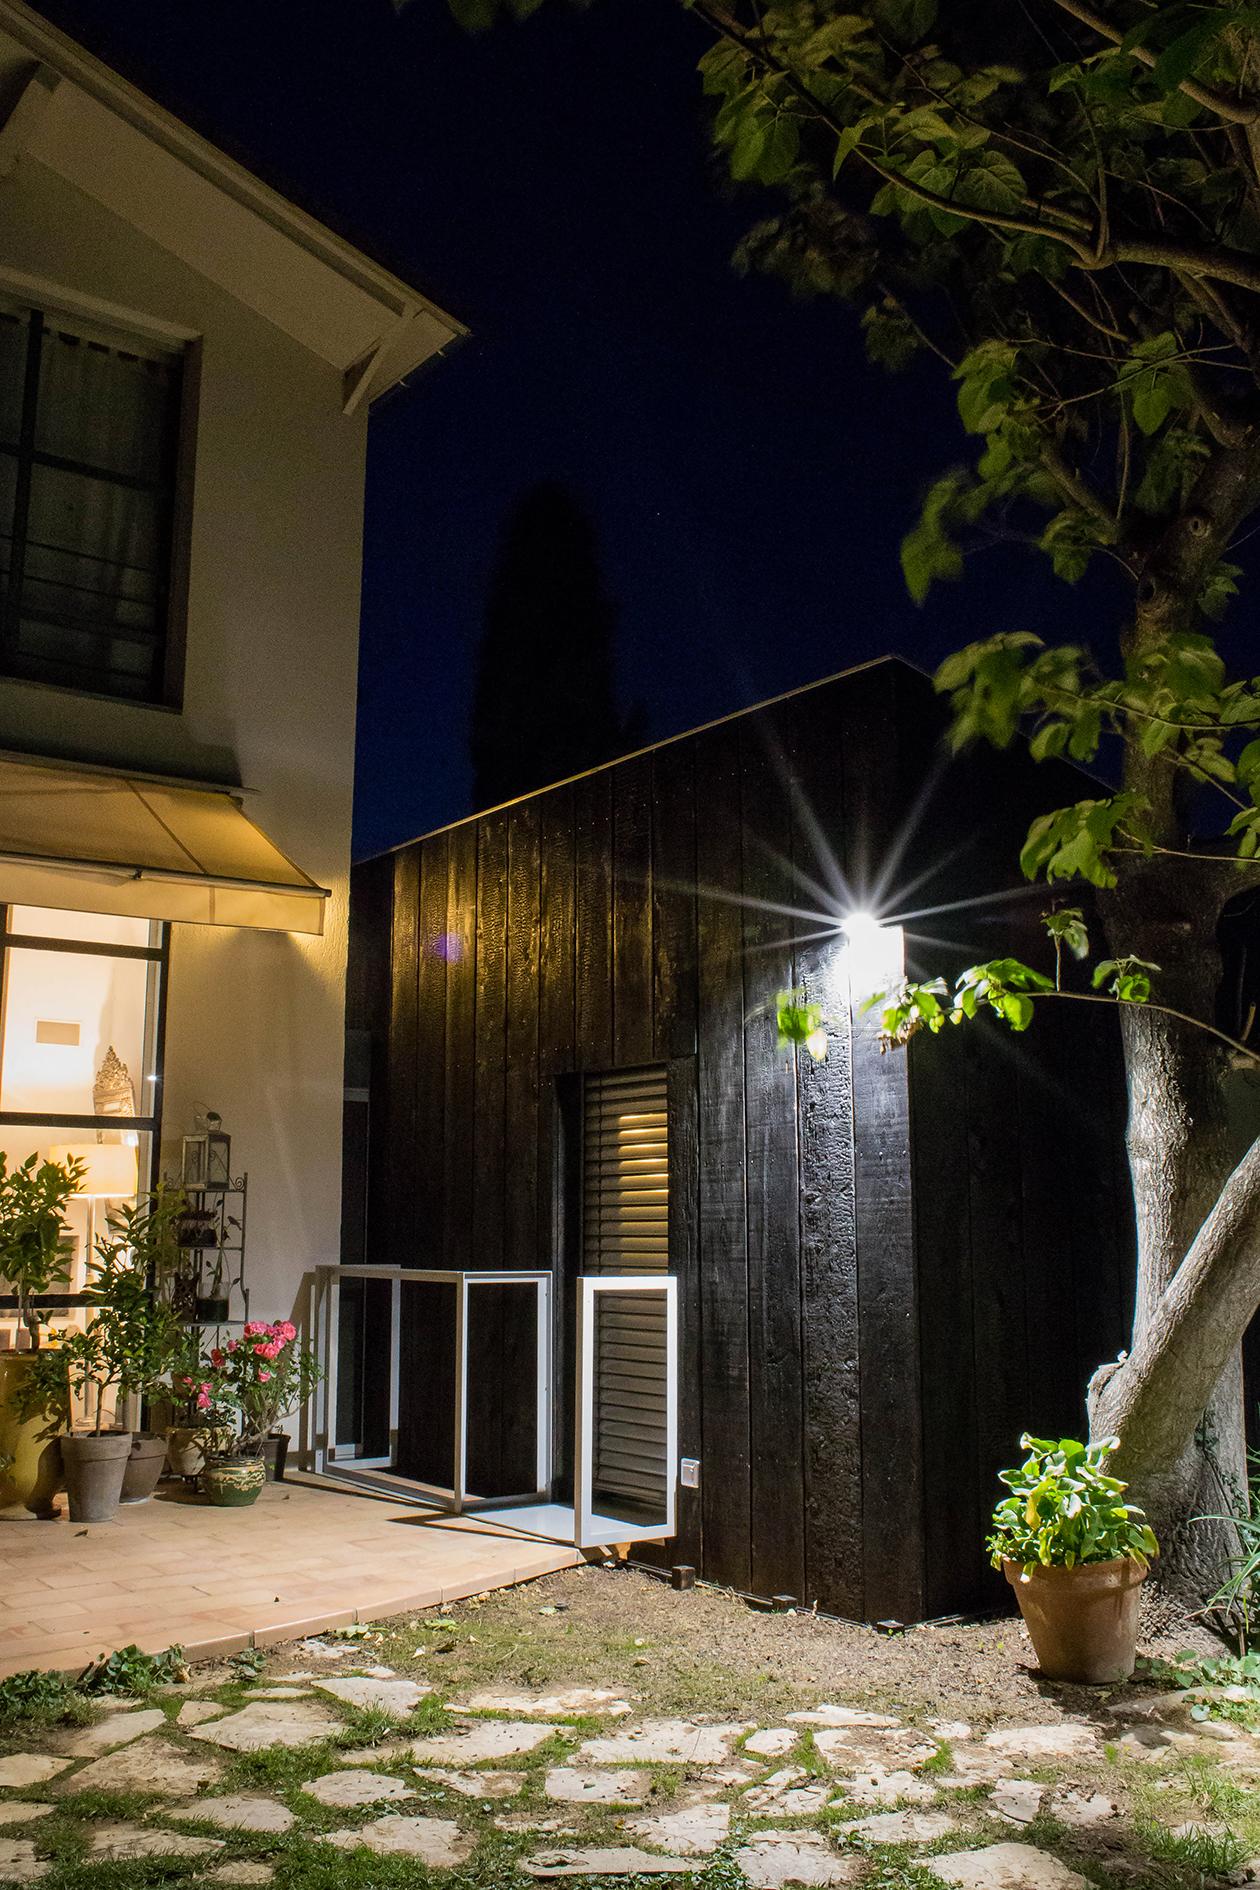 Agrandissement d'une maison d'habitation, Architecture contemporaine Construction ossature bois et bardage en bois brulé